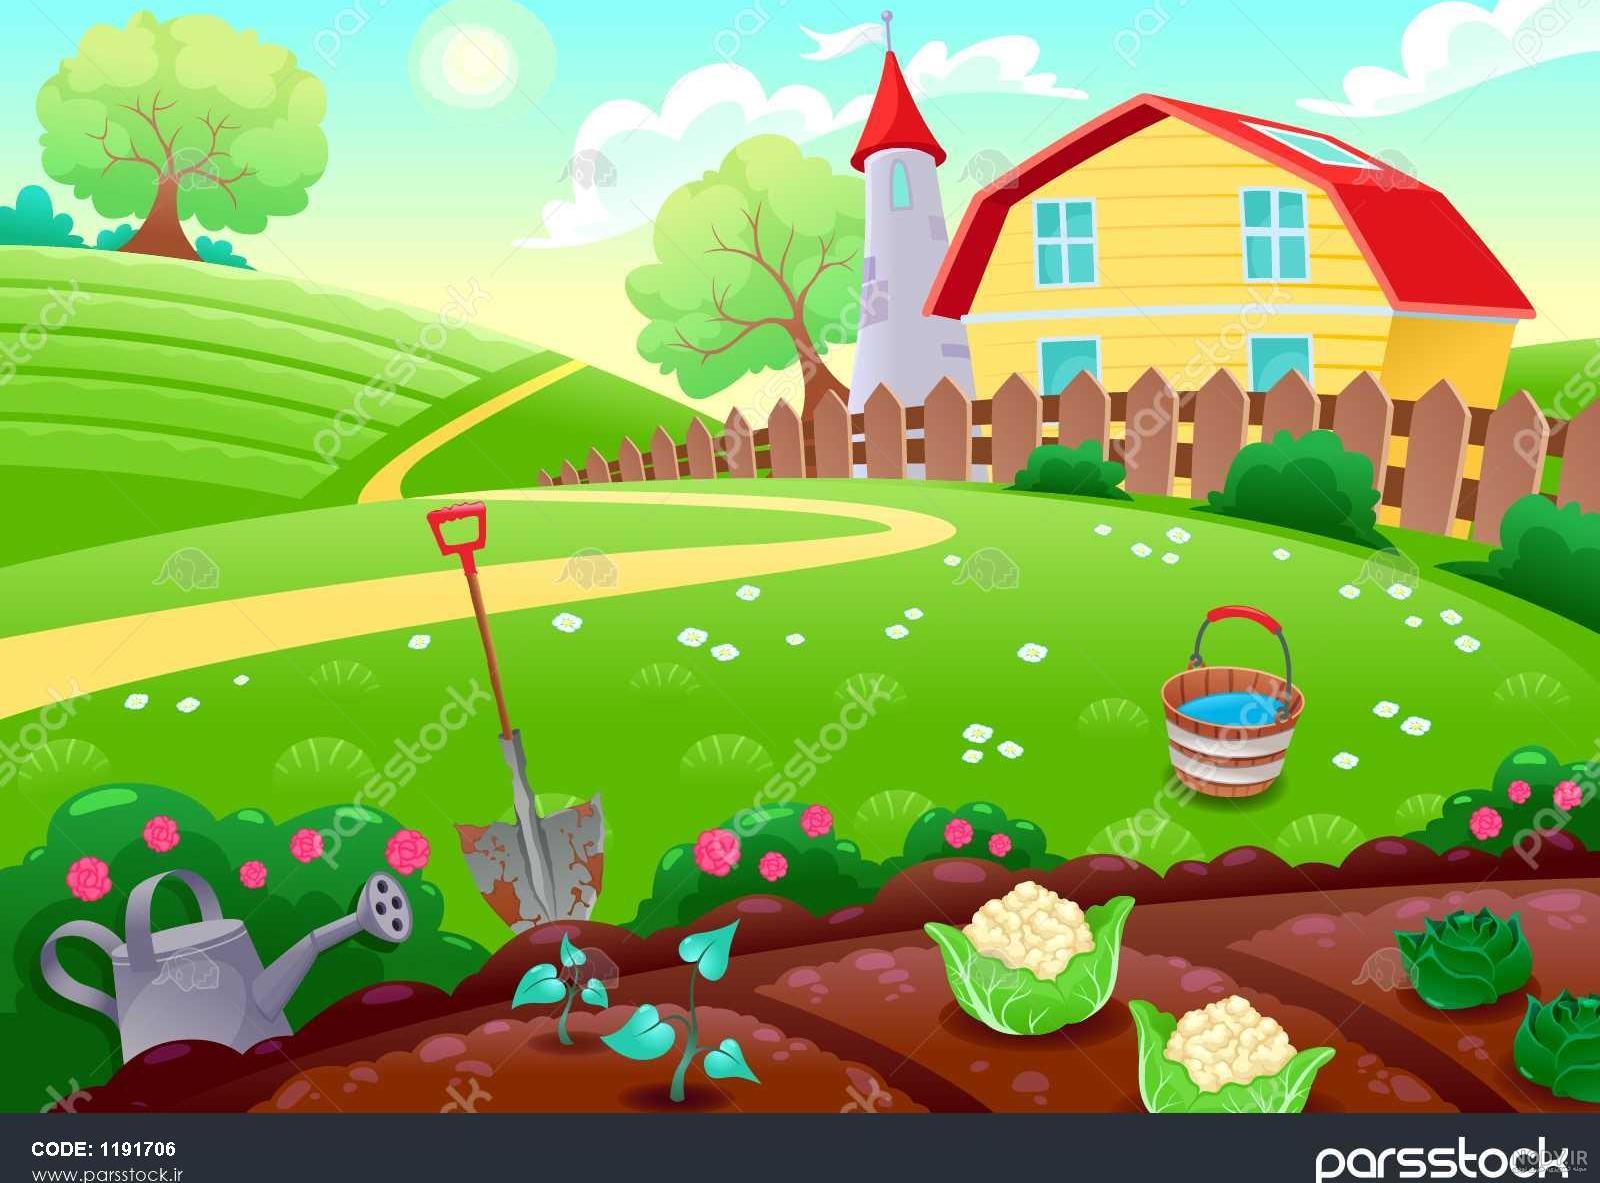 عکس کارتونی روستا